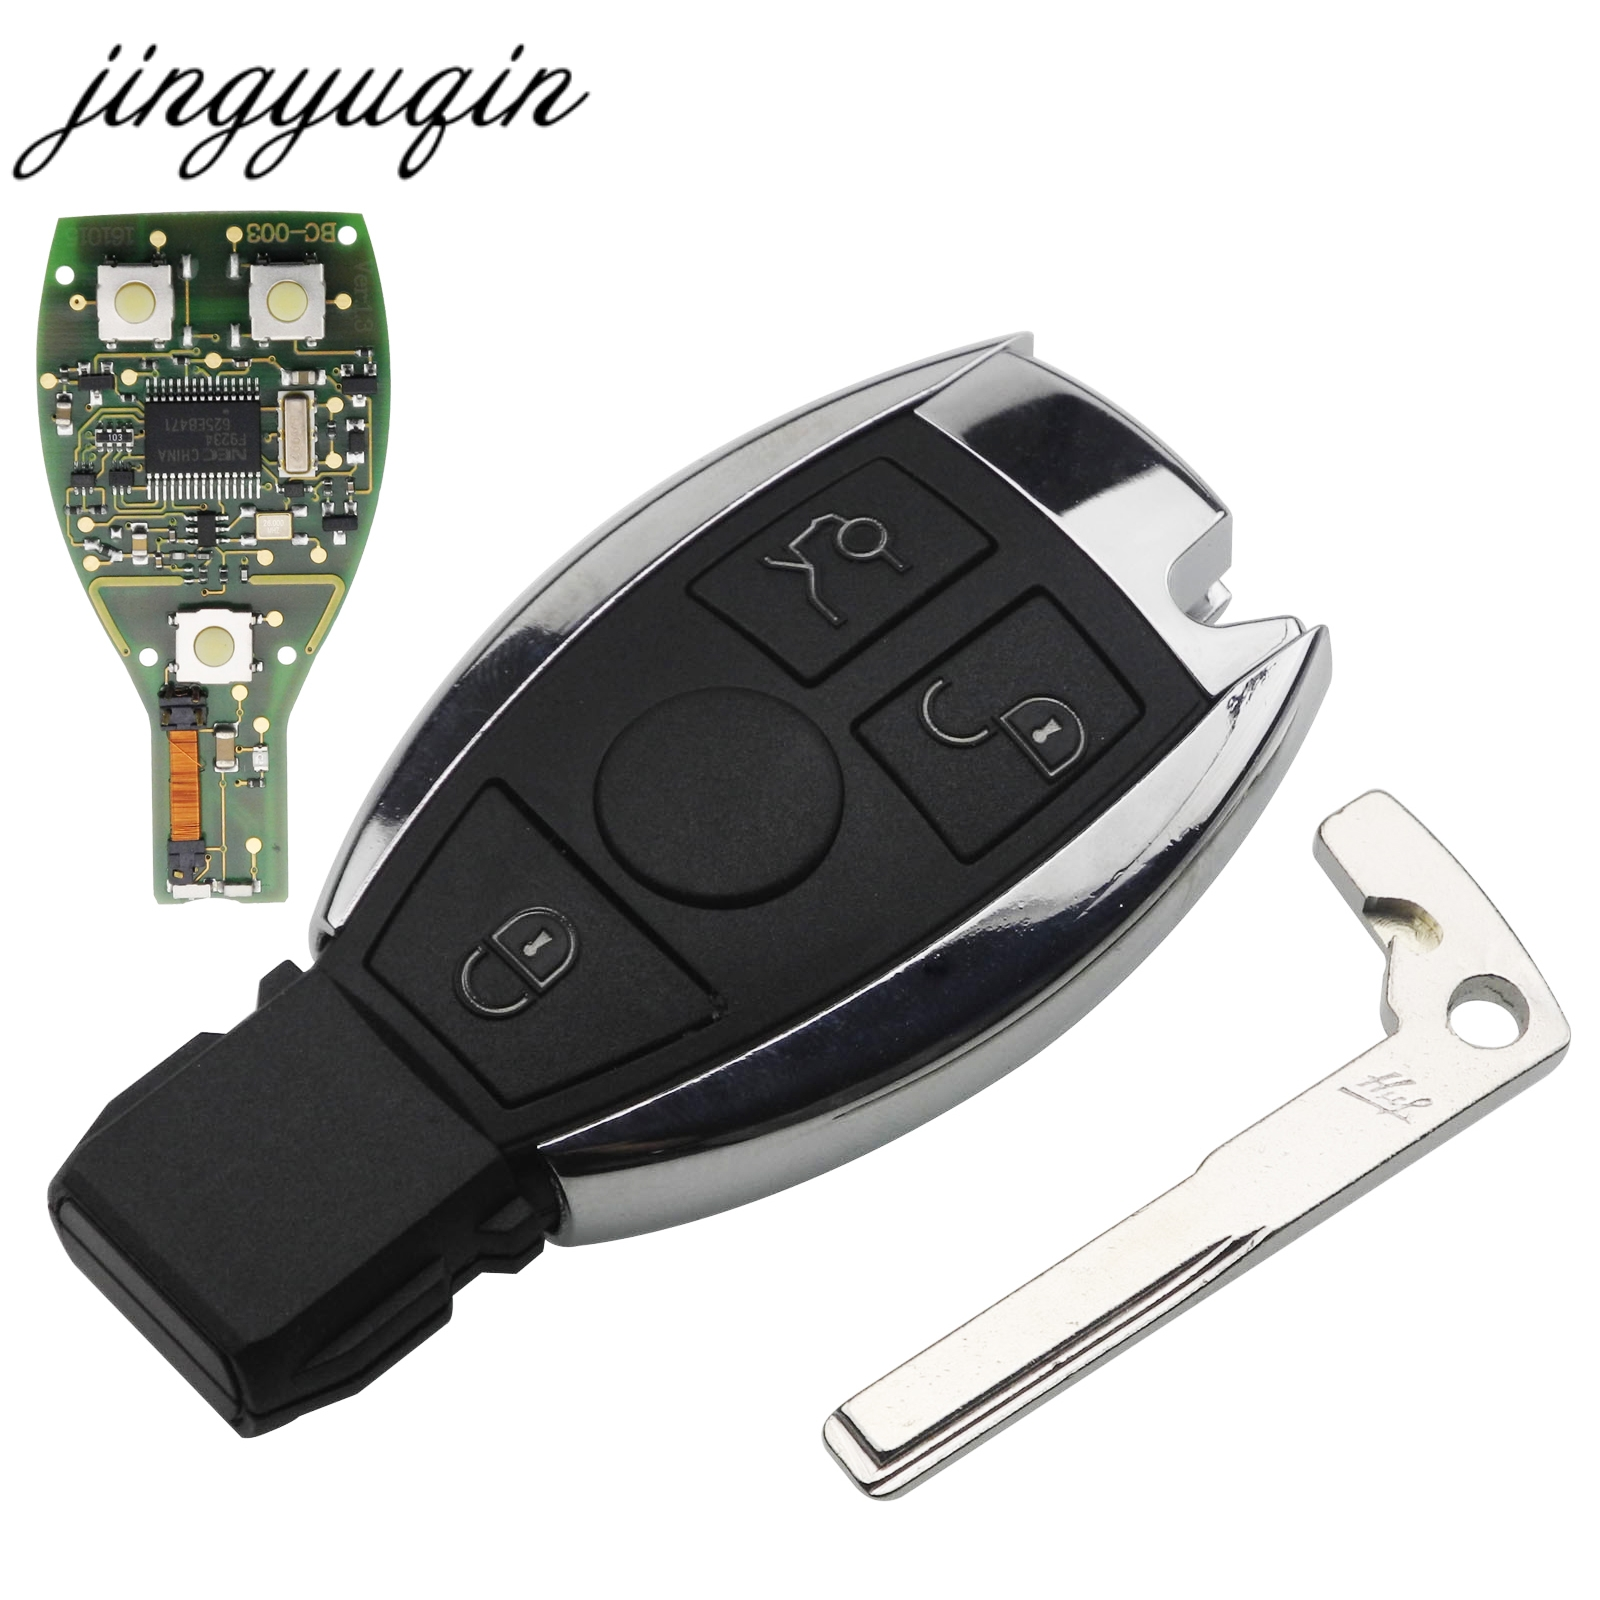 Jingyuqin 3 Bouton Clé De Voiture À Distance Fob Remplacement Pour Mercedes pour Benz année 2000 + NEC et BGA D'entrée Sans Clé contrôle 433 mhz